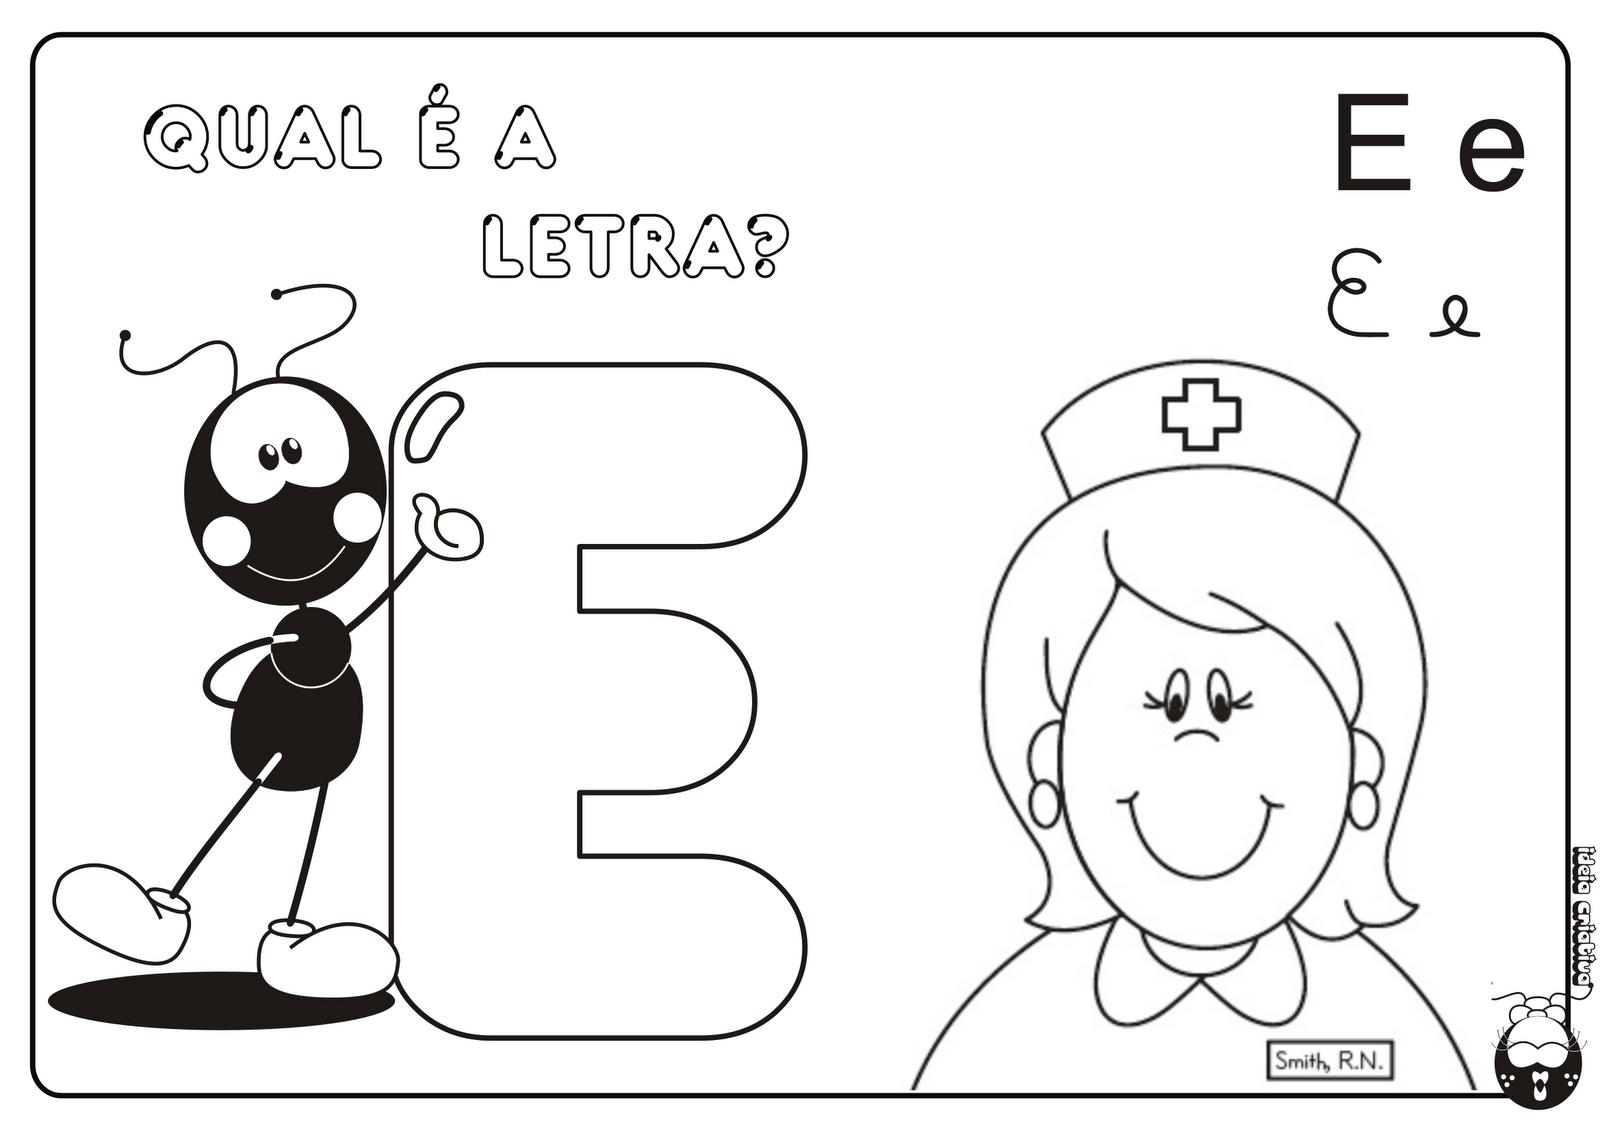 Alfabeto Smilinguido 4 tipos de letra para Baixar Grátis Letra E